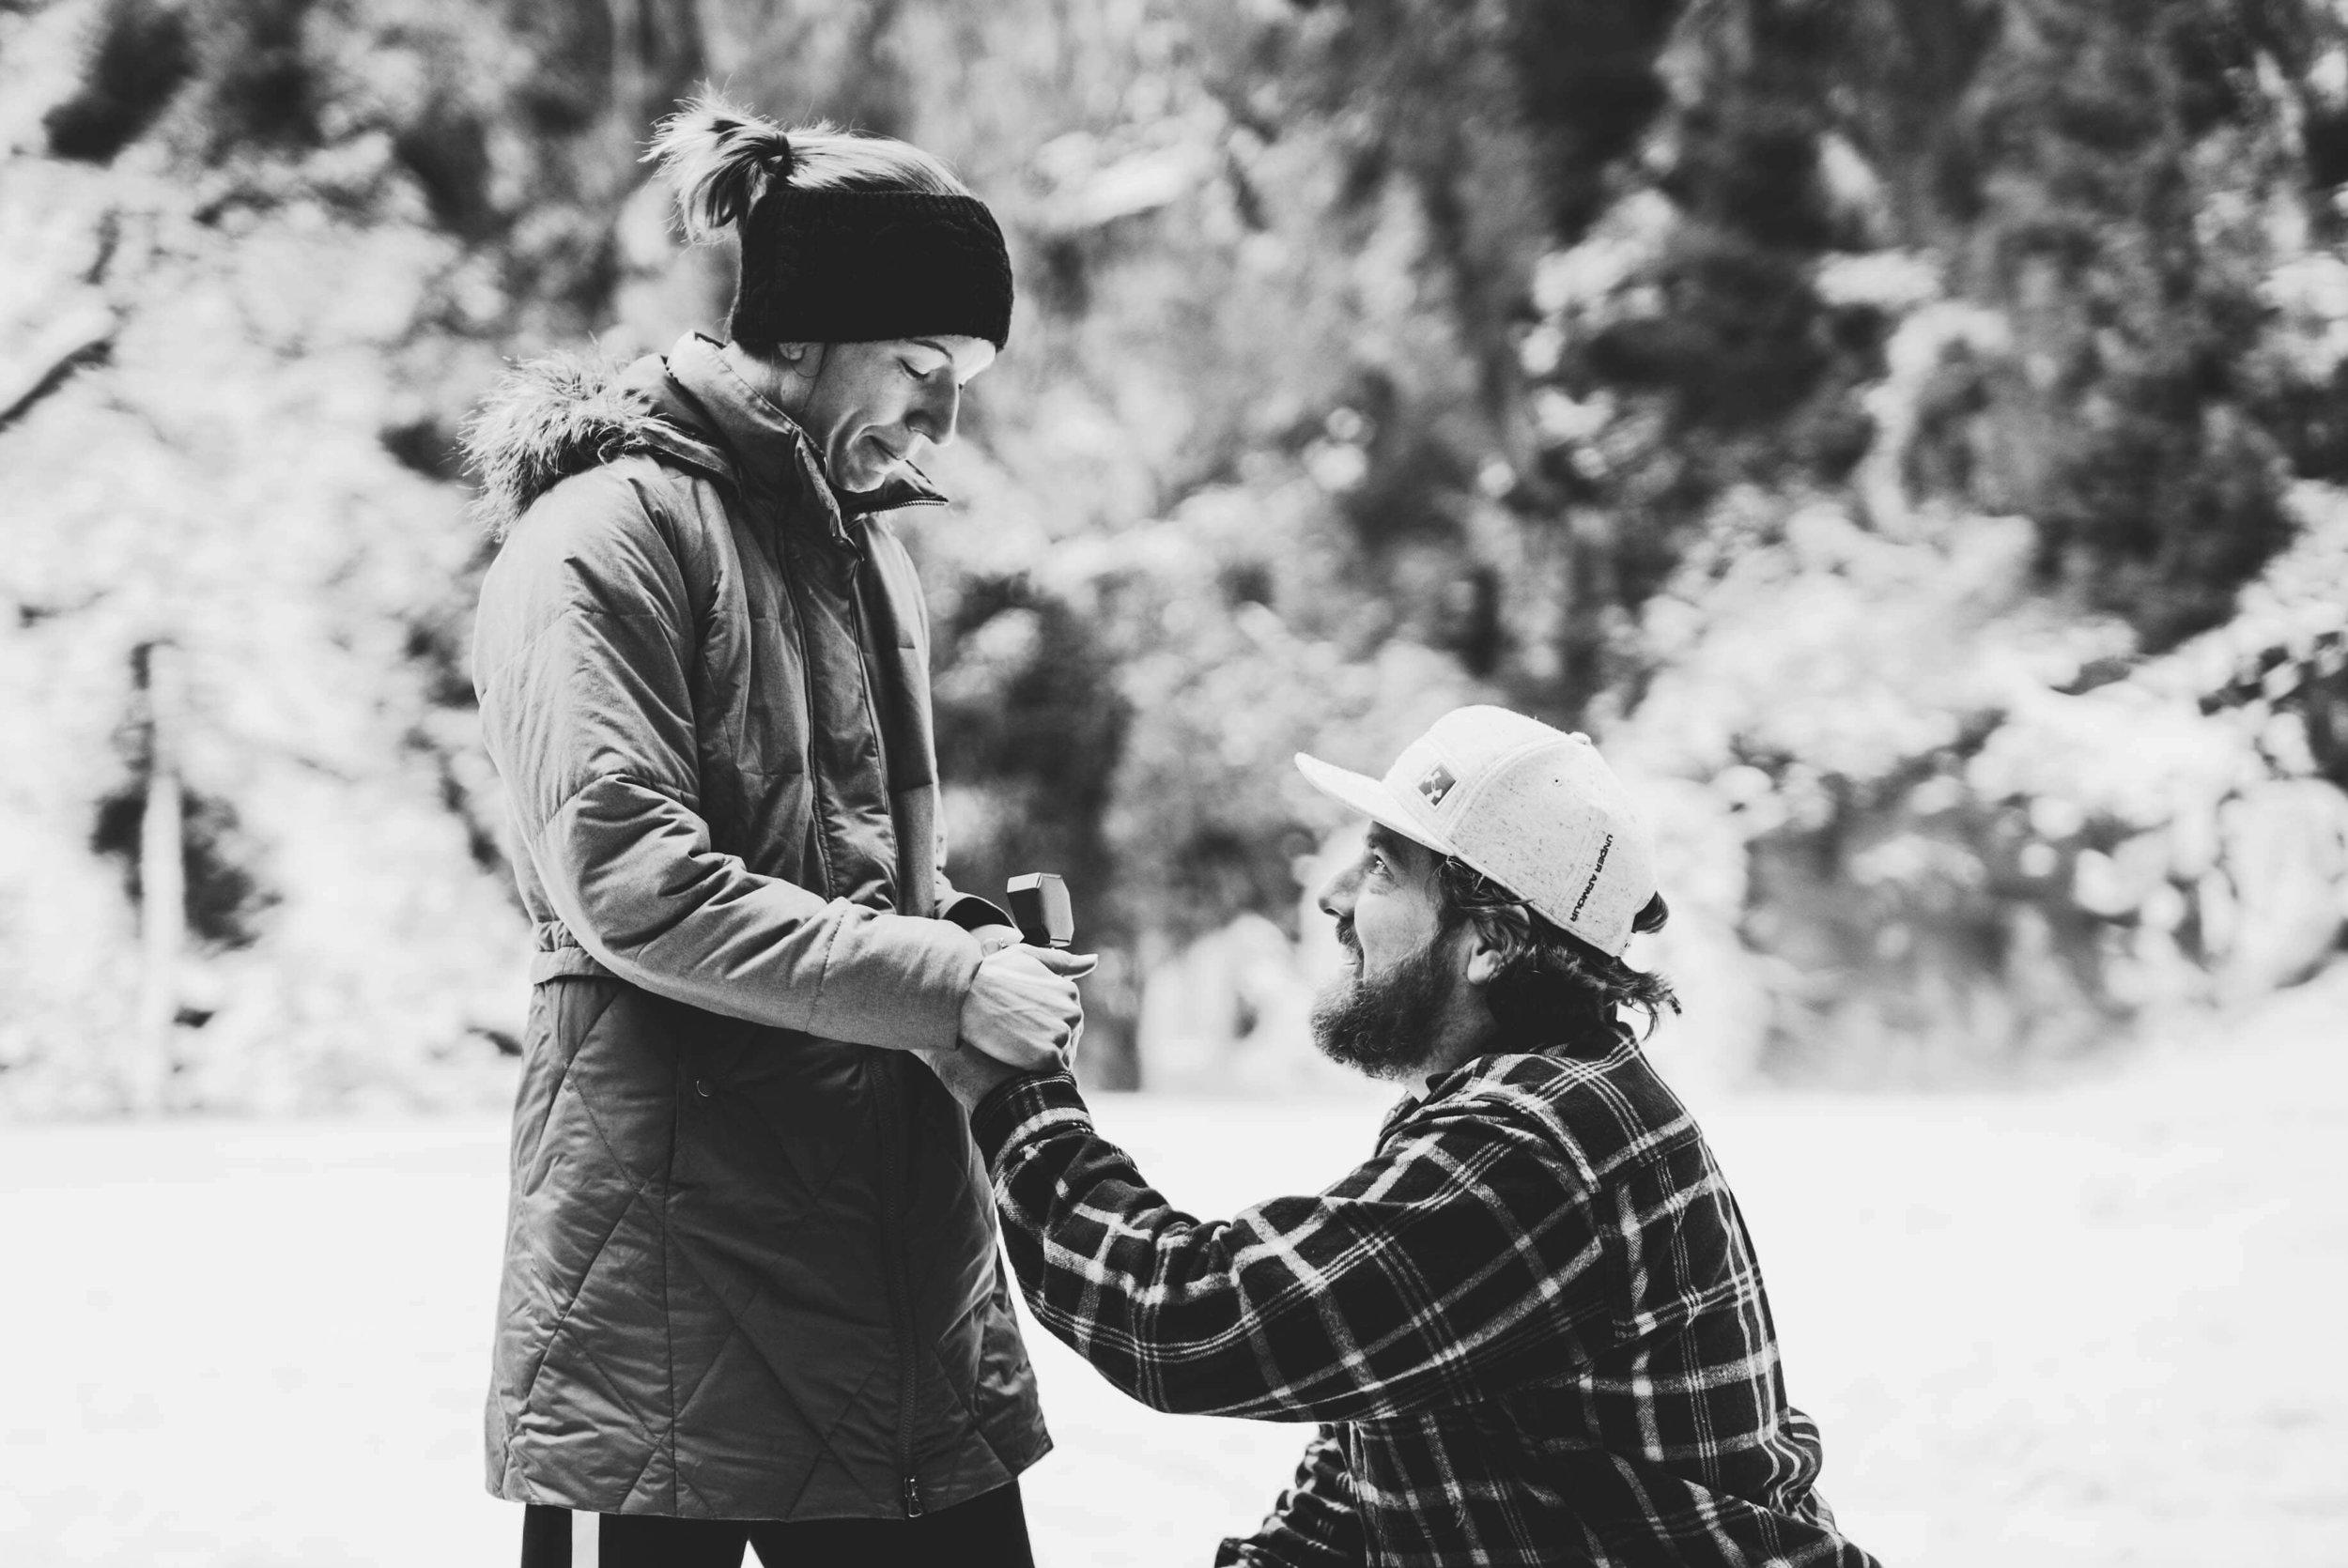 Engle-Olson-Photography-Emily-Skylar-Proposal-Engagement-9.jpg